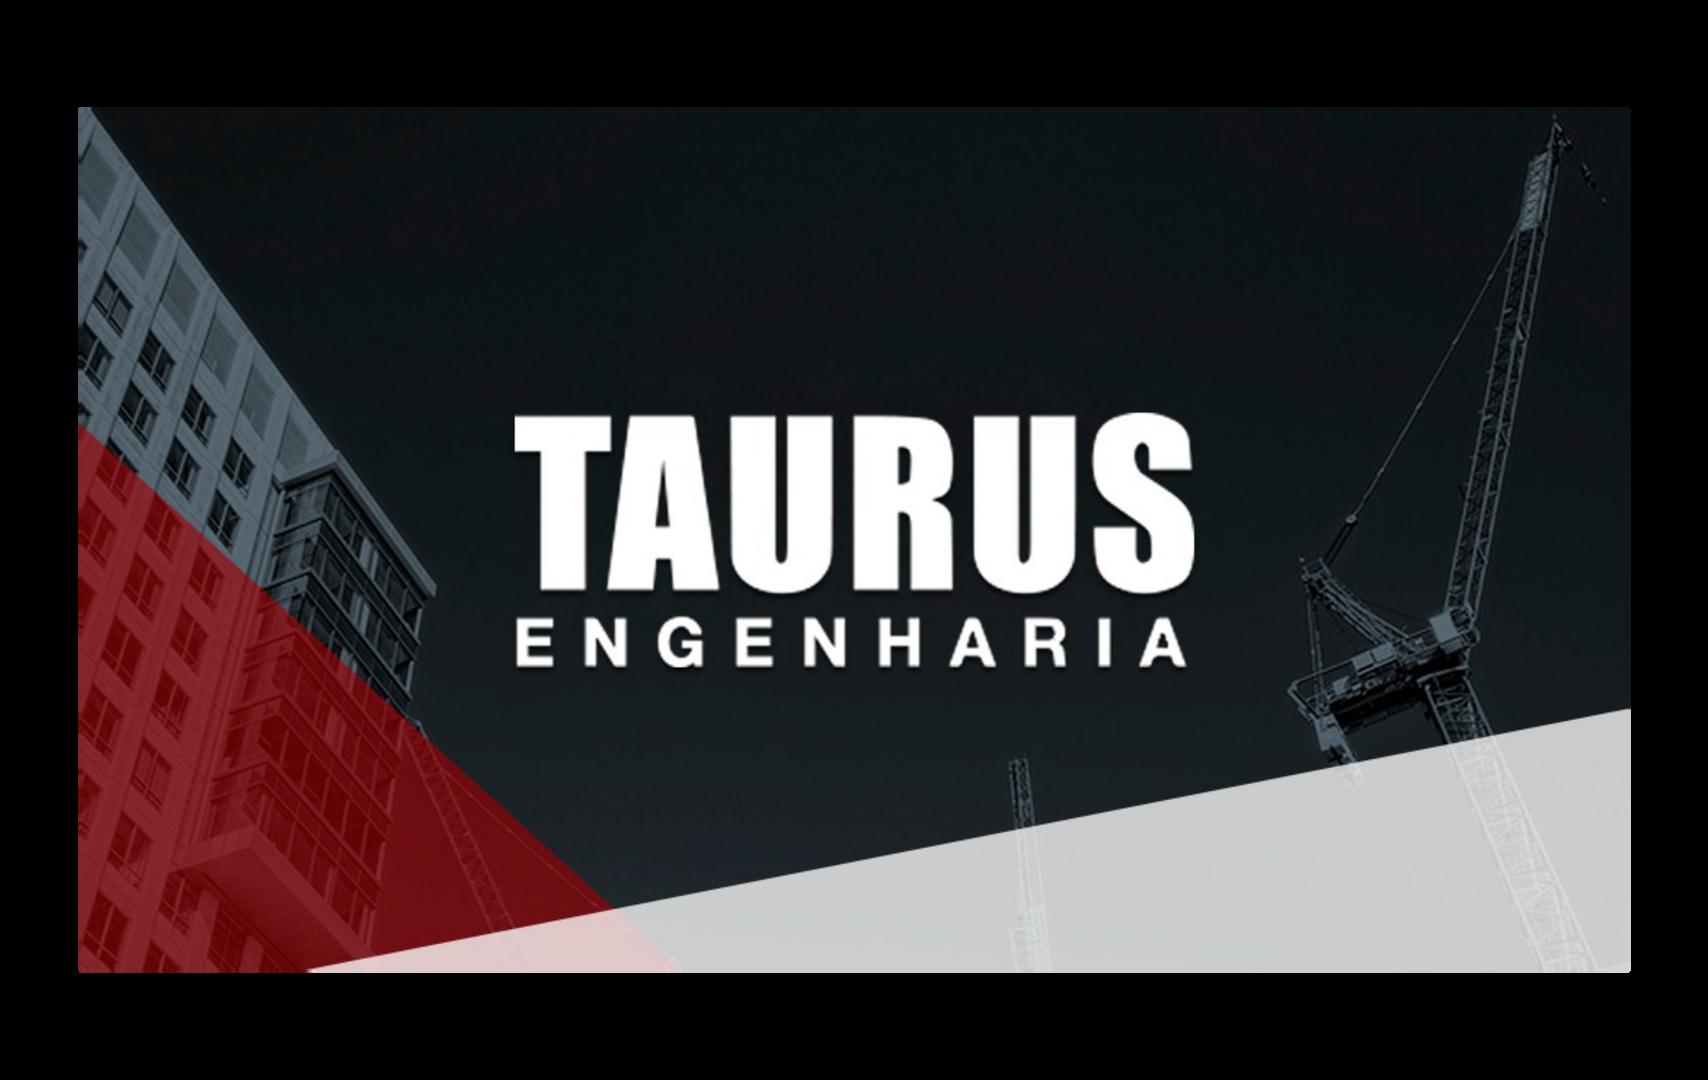 Taurus Engenharia